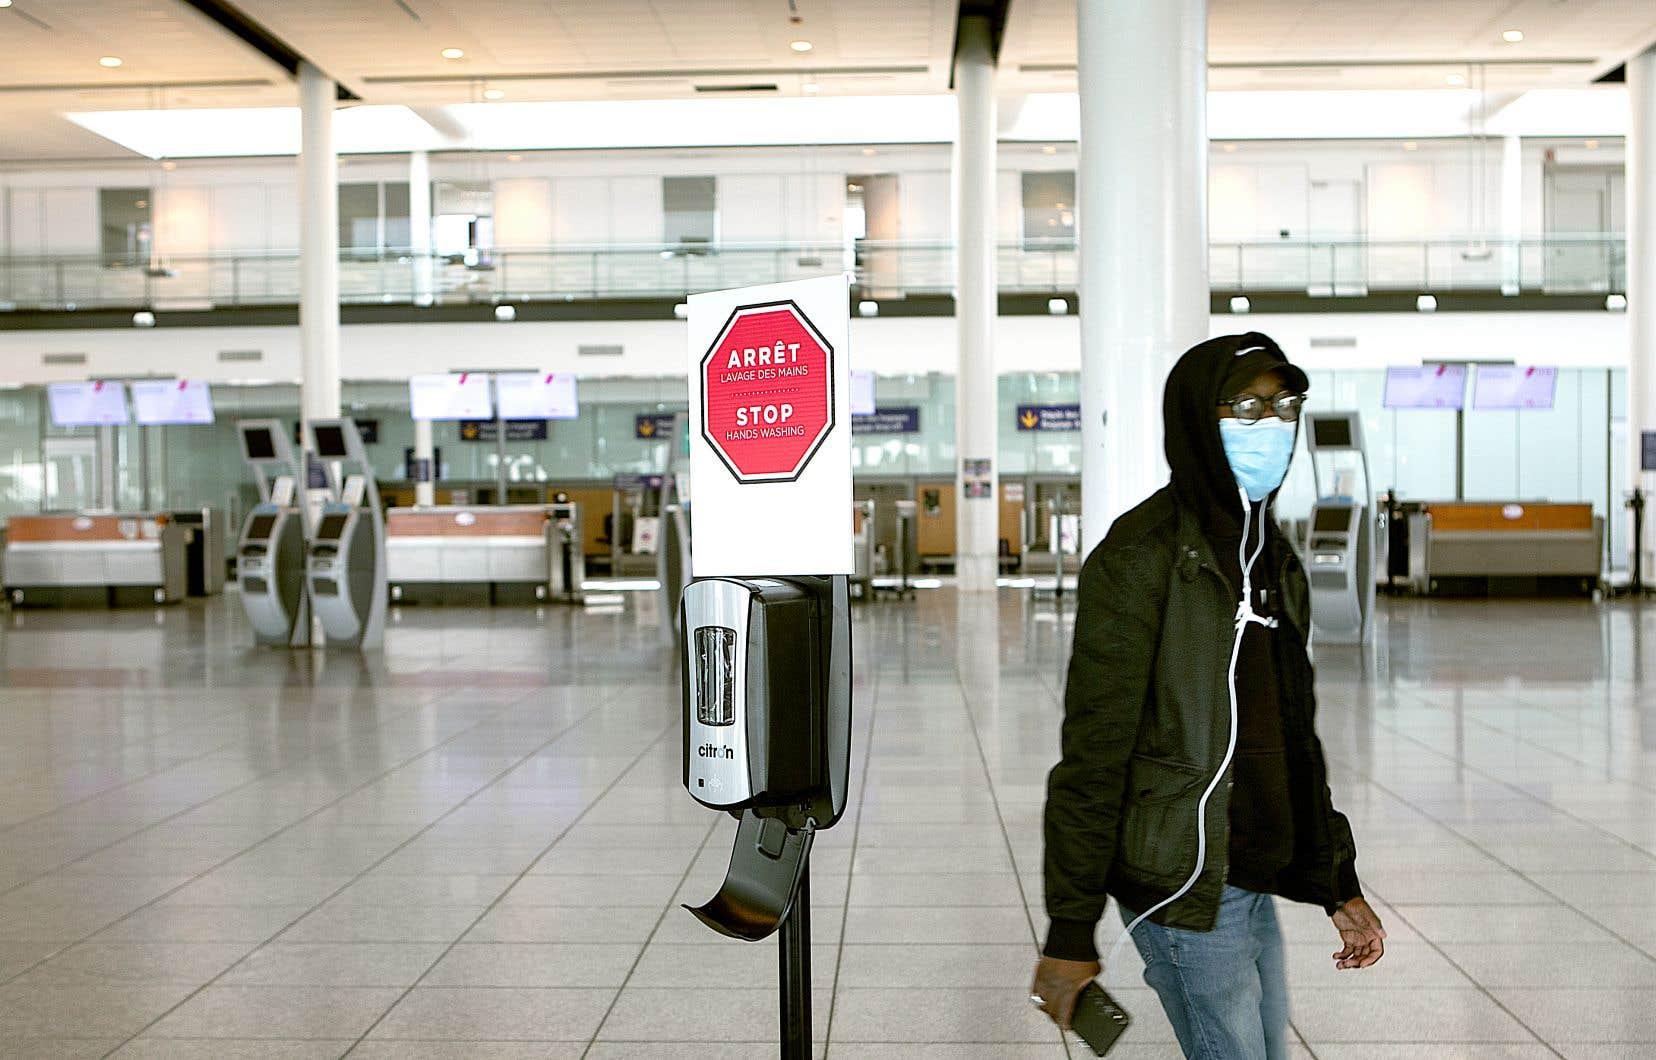 Les voyages en avion, déjà souvent un casse-tête, devraient comporter encore plus d'inconvénients.